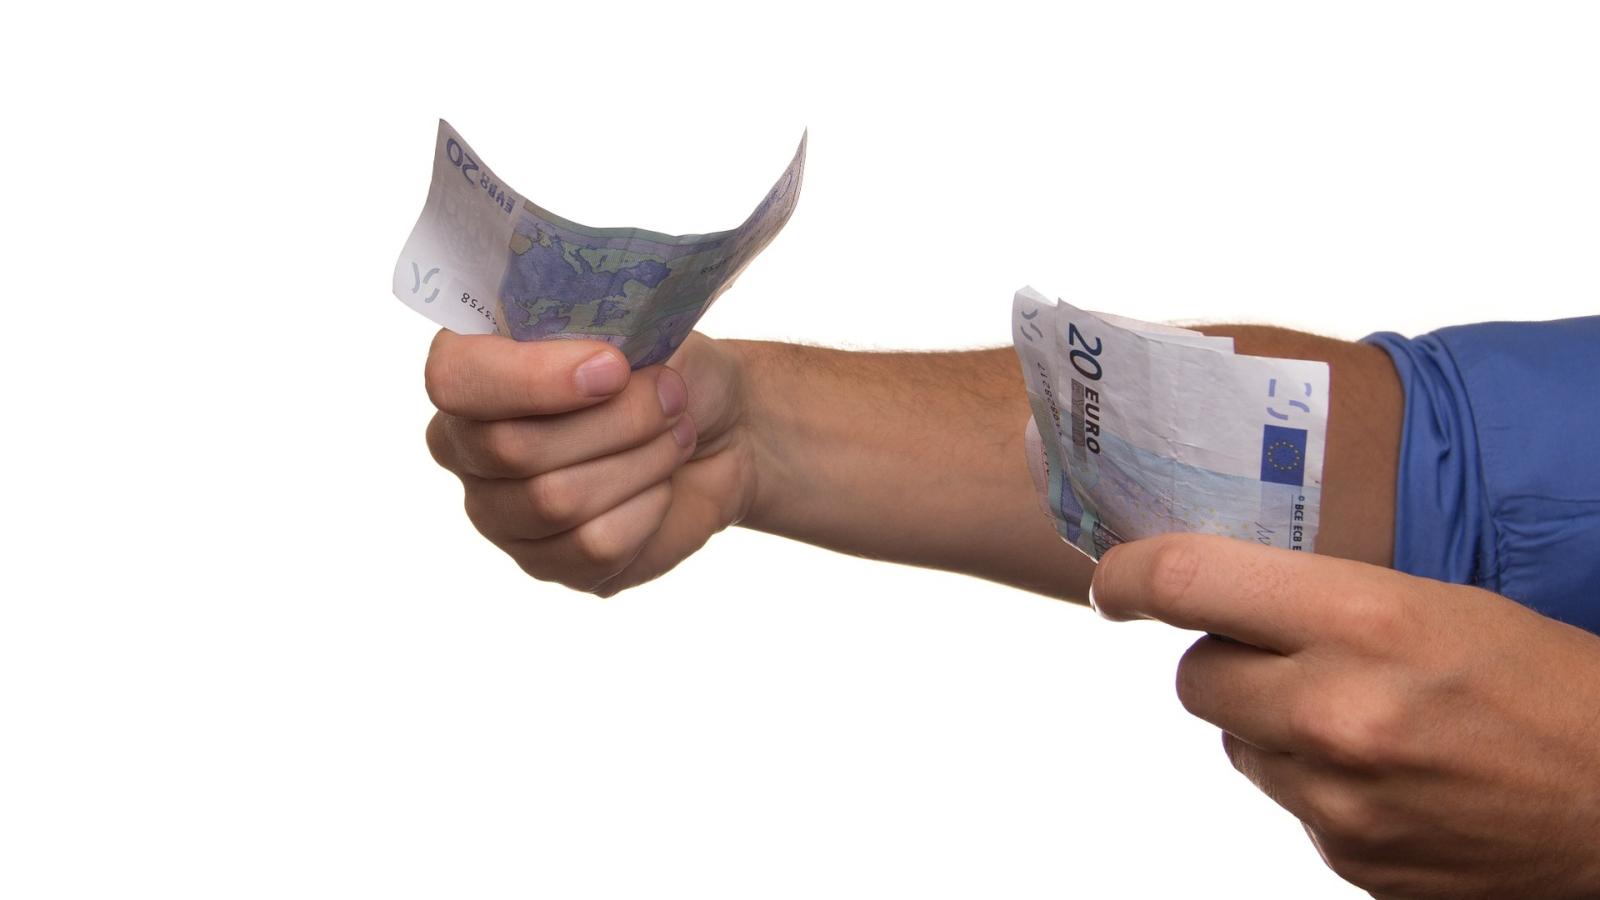 Lovfestet europeisk minstelønn vil ikke løse, men forsterke fattigdomsproblemet i Europa.